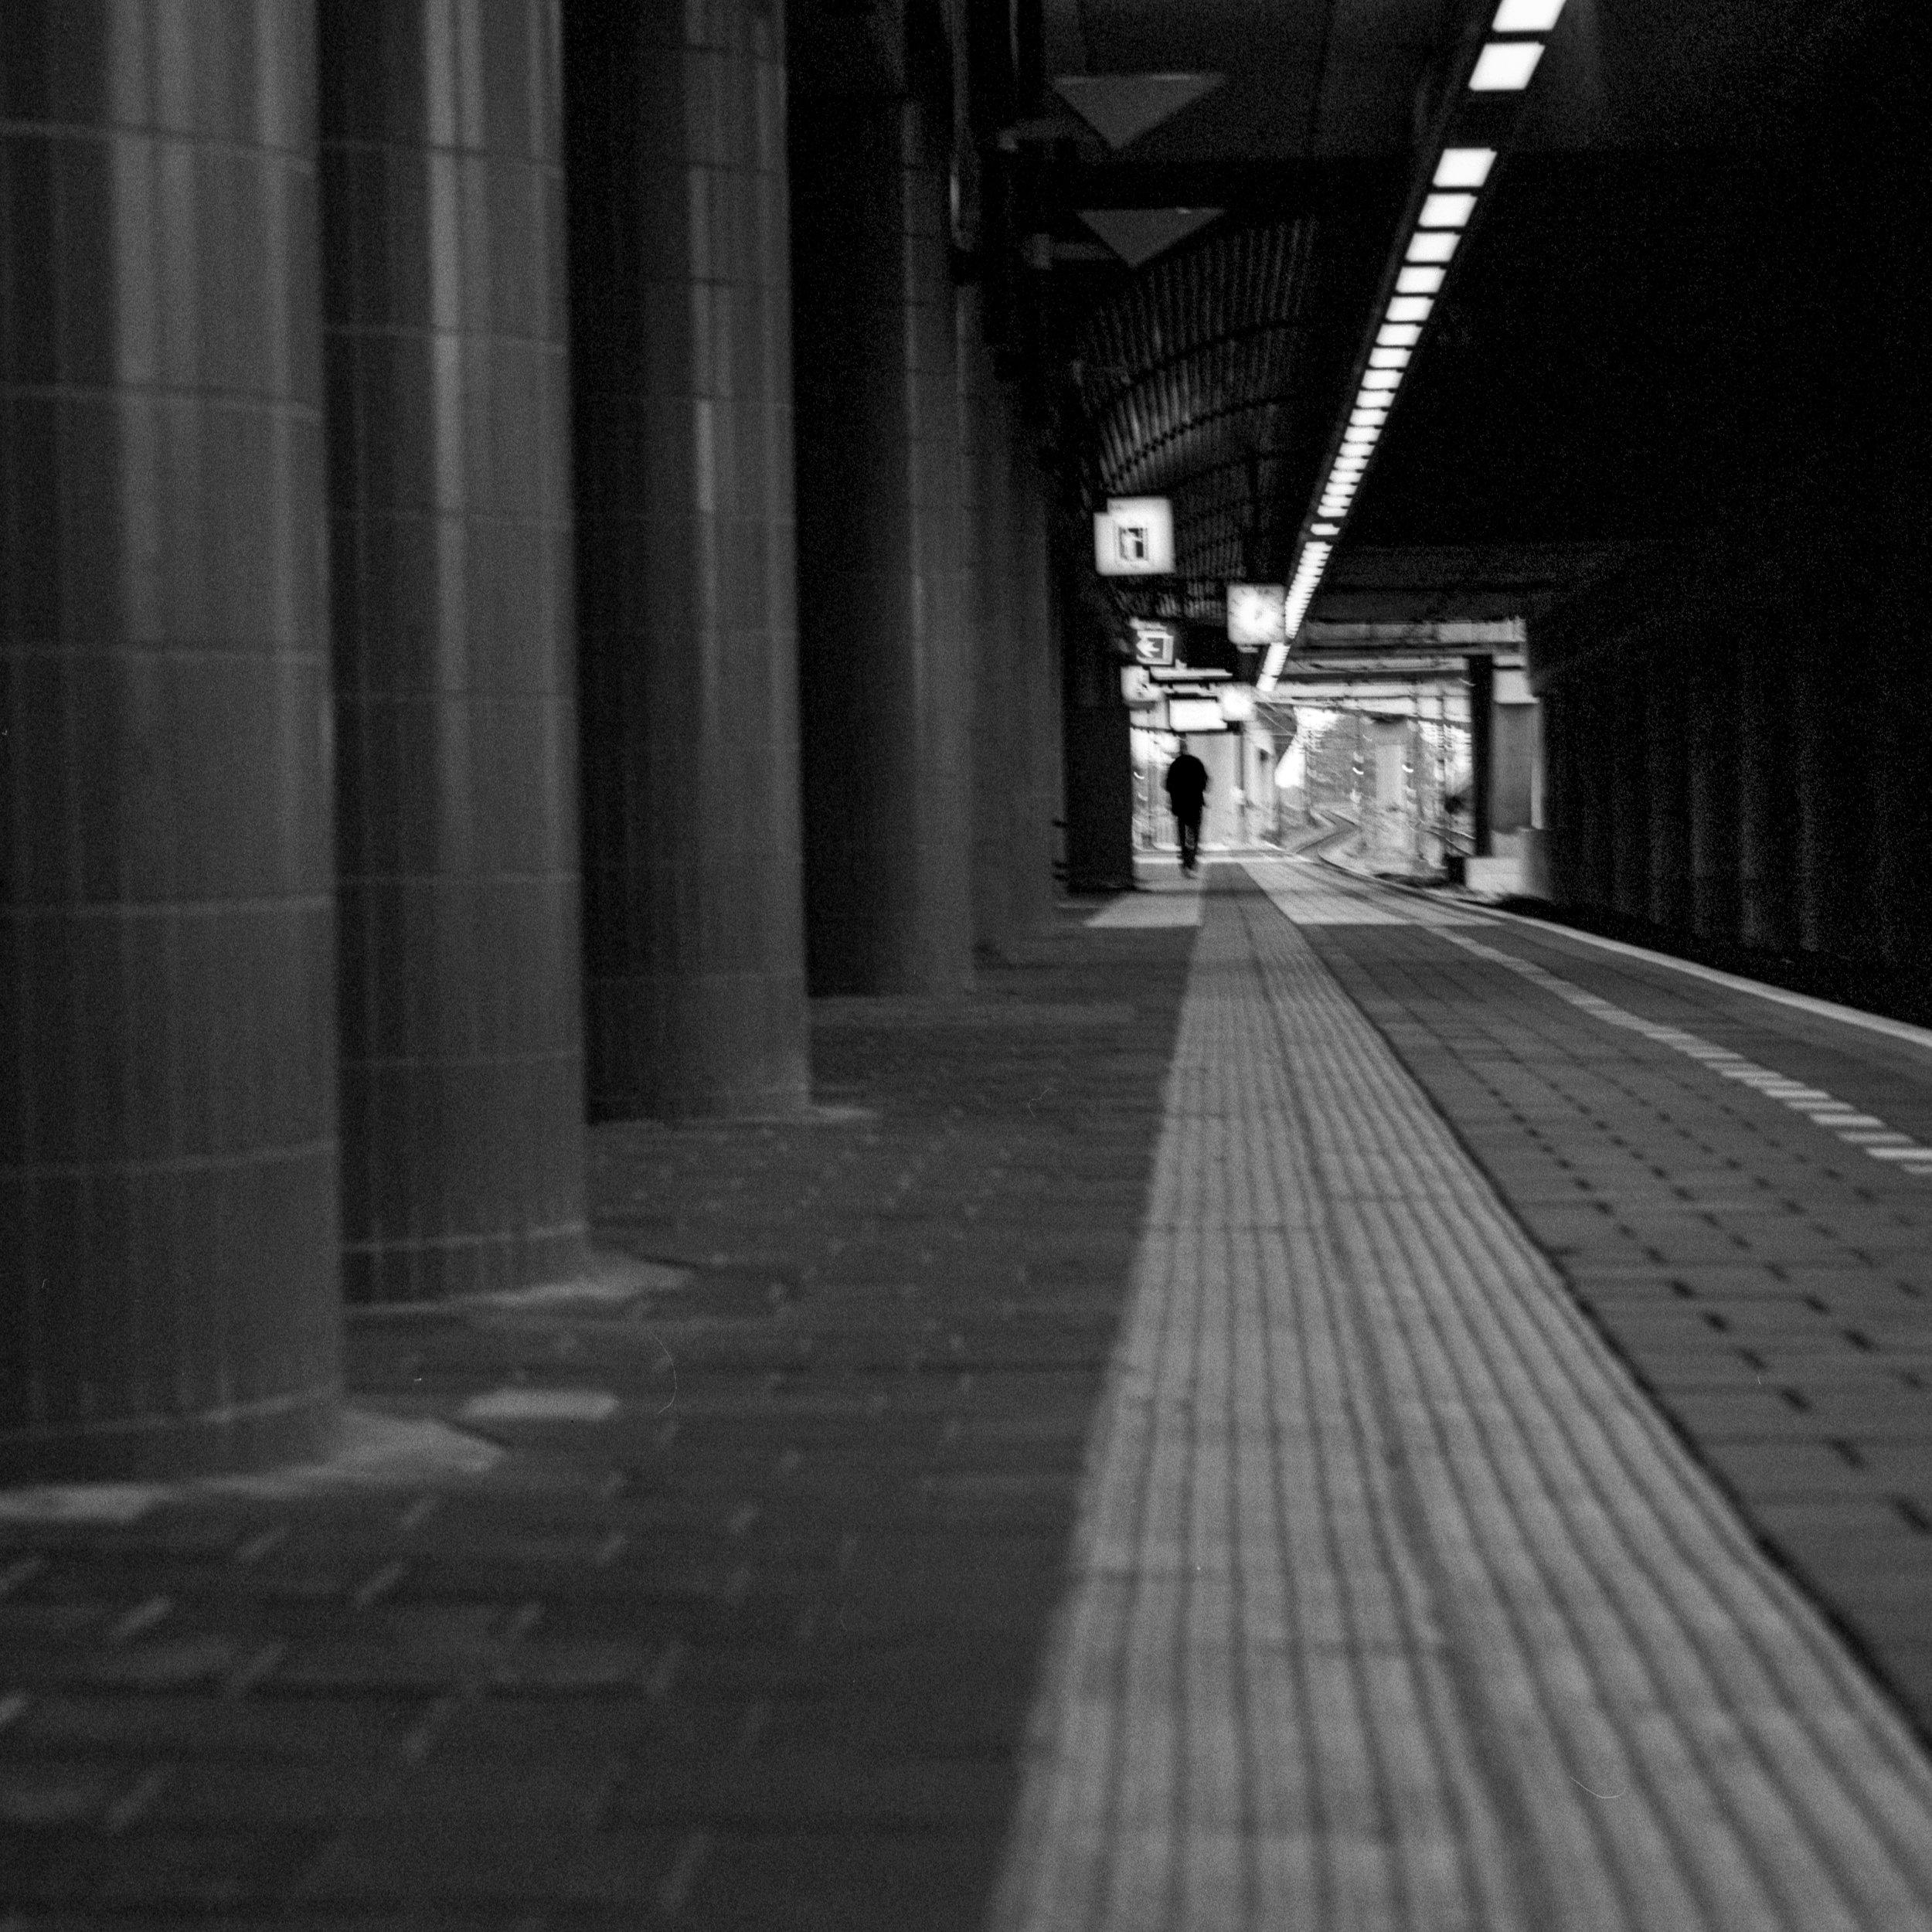 Week 41 - Commute-006.jpg